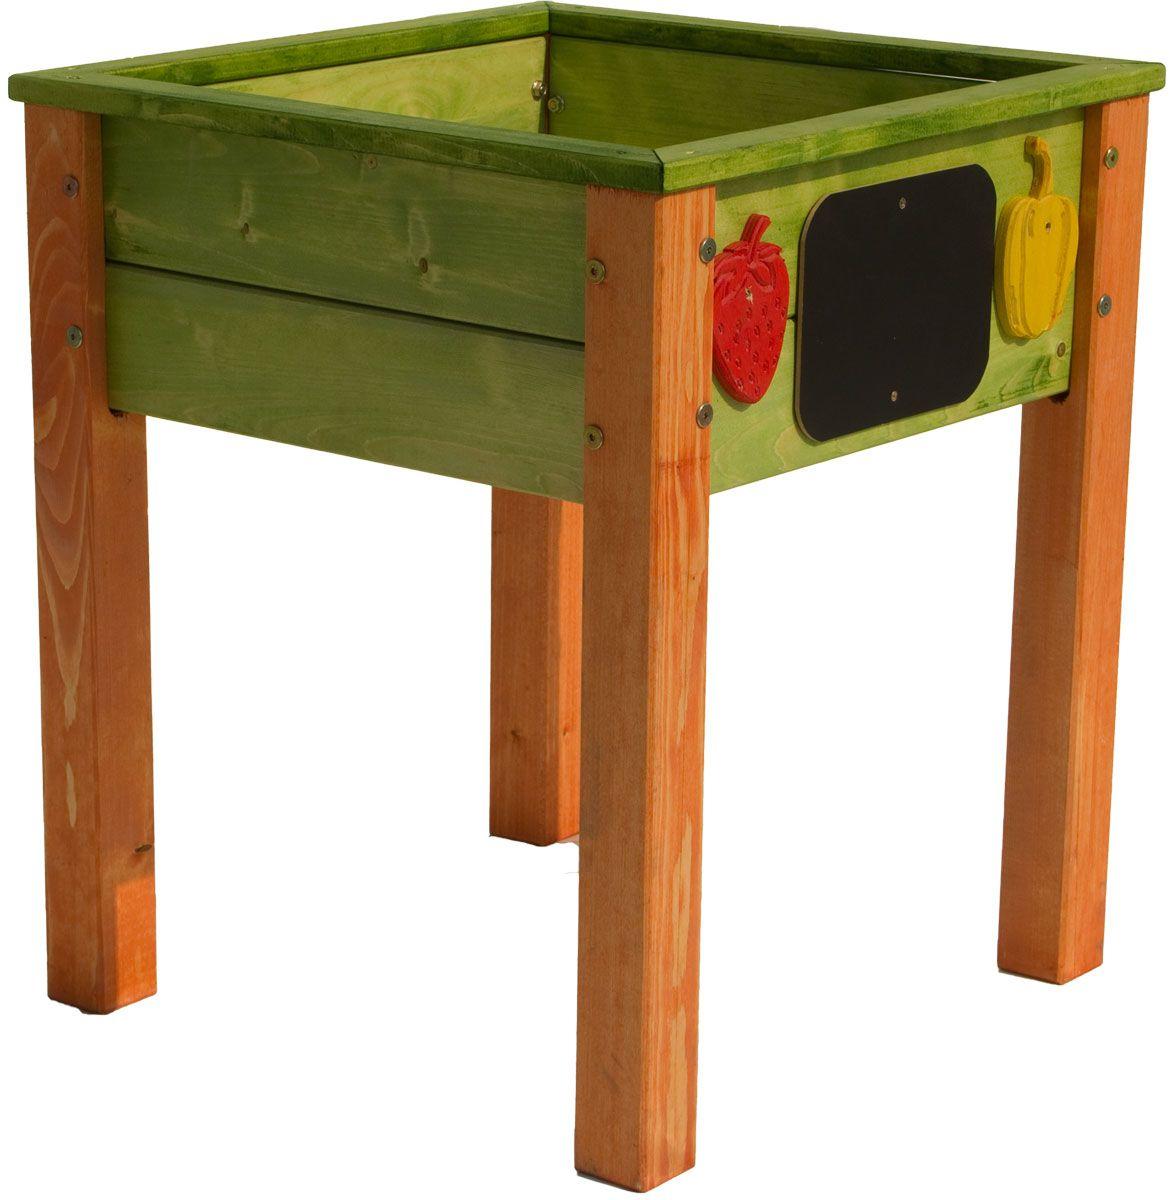 Hochbeet Fur Kinder Aus Holz Grun Orange 50 X 50 X 62 Cm